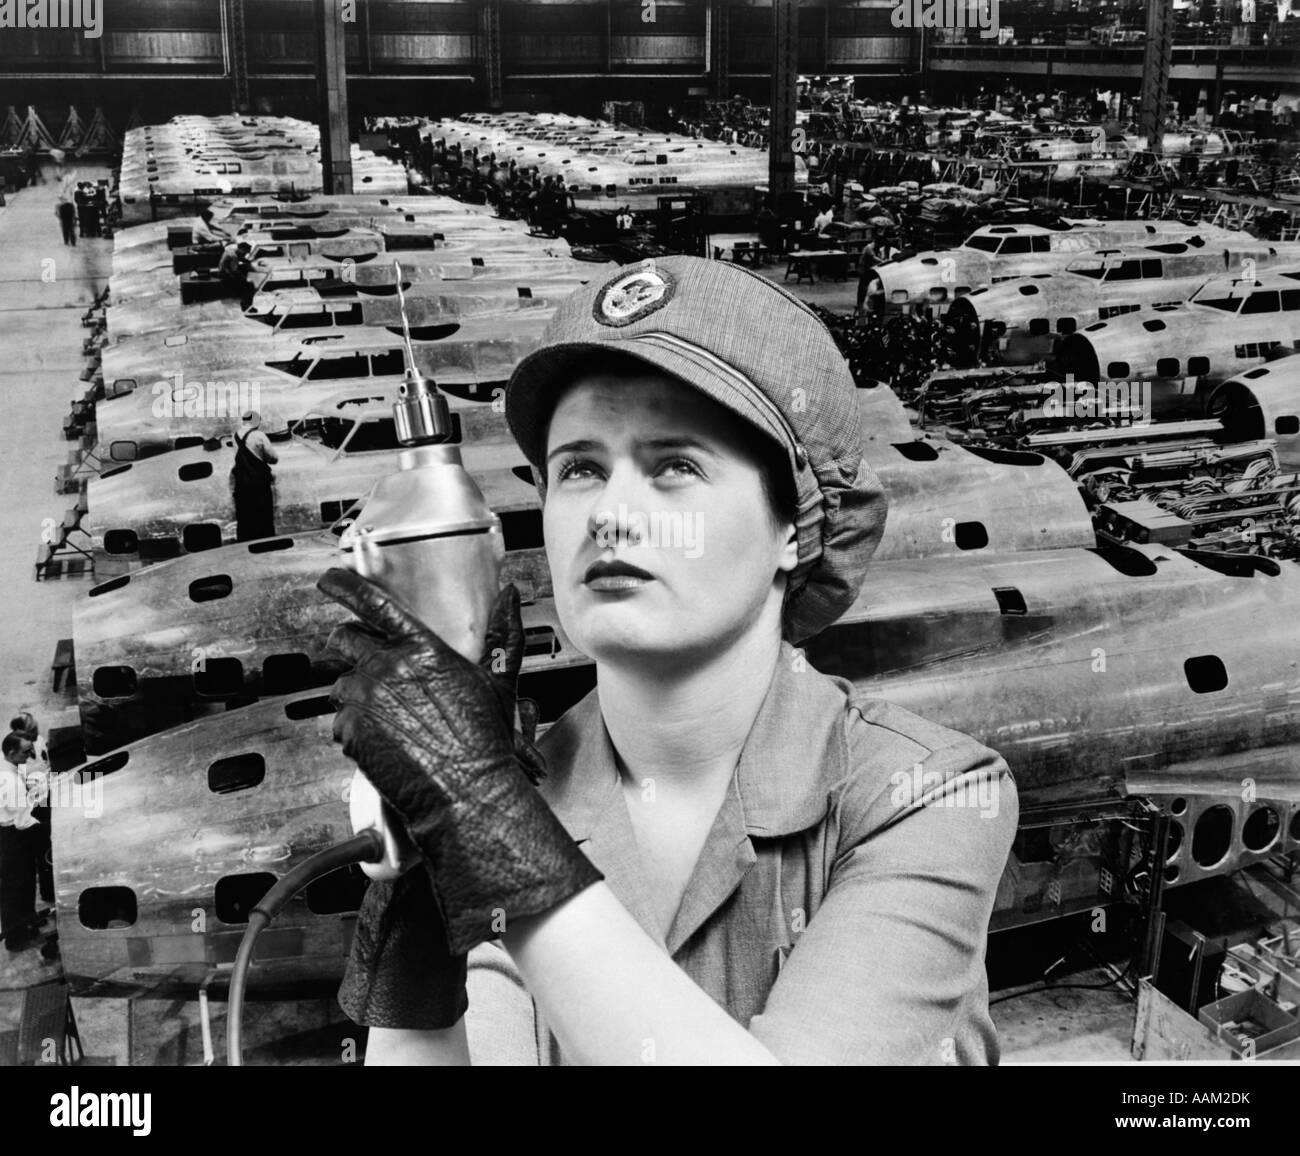 Donna Rosie la rivettatrice sovrapposto ad aerei in fabbrica 1940s tempo di guerra durante la seconda guerra mondiale Immagini Stock